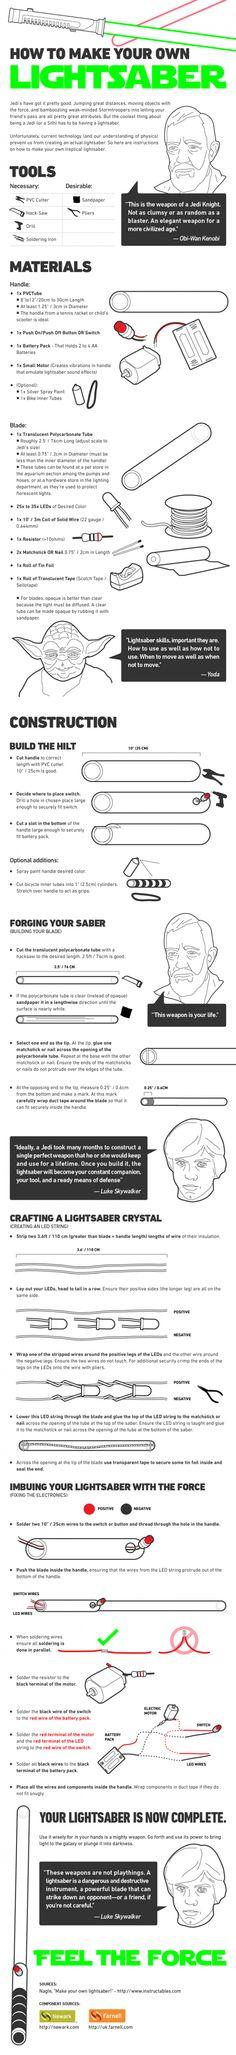 Star Wars- Make your own lightsaber